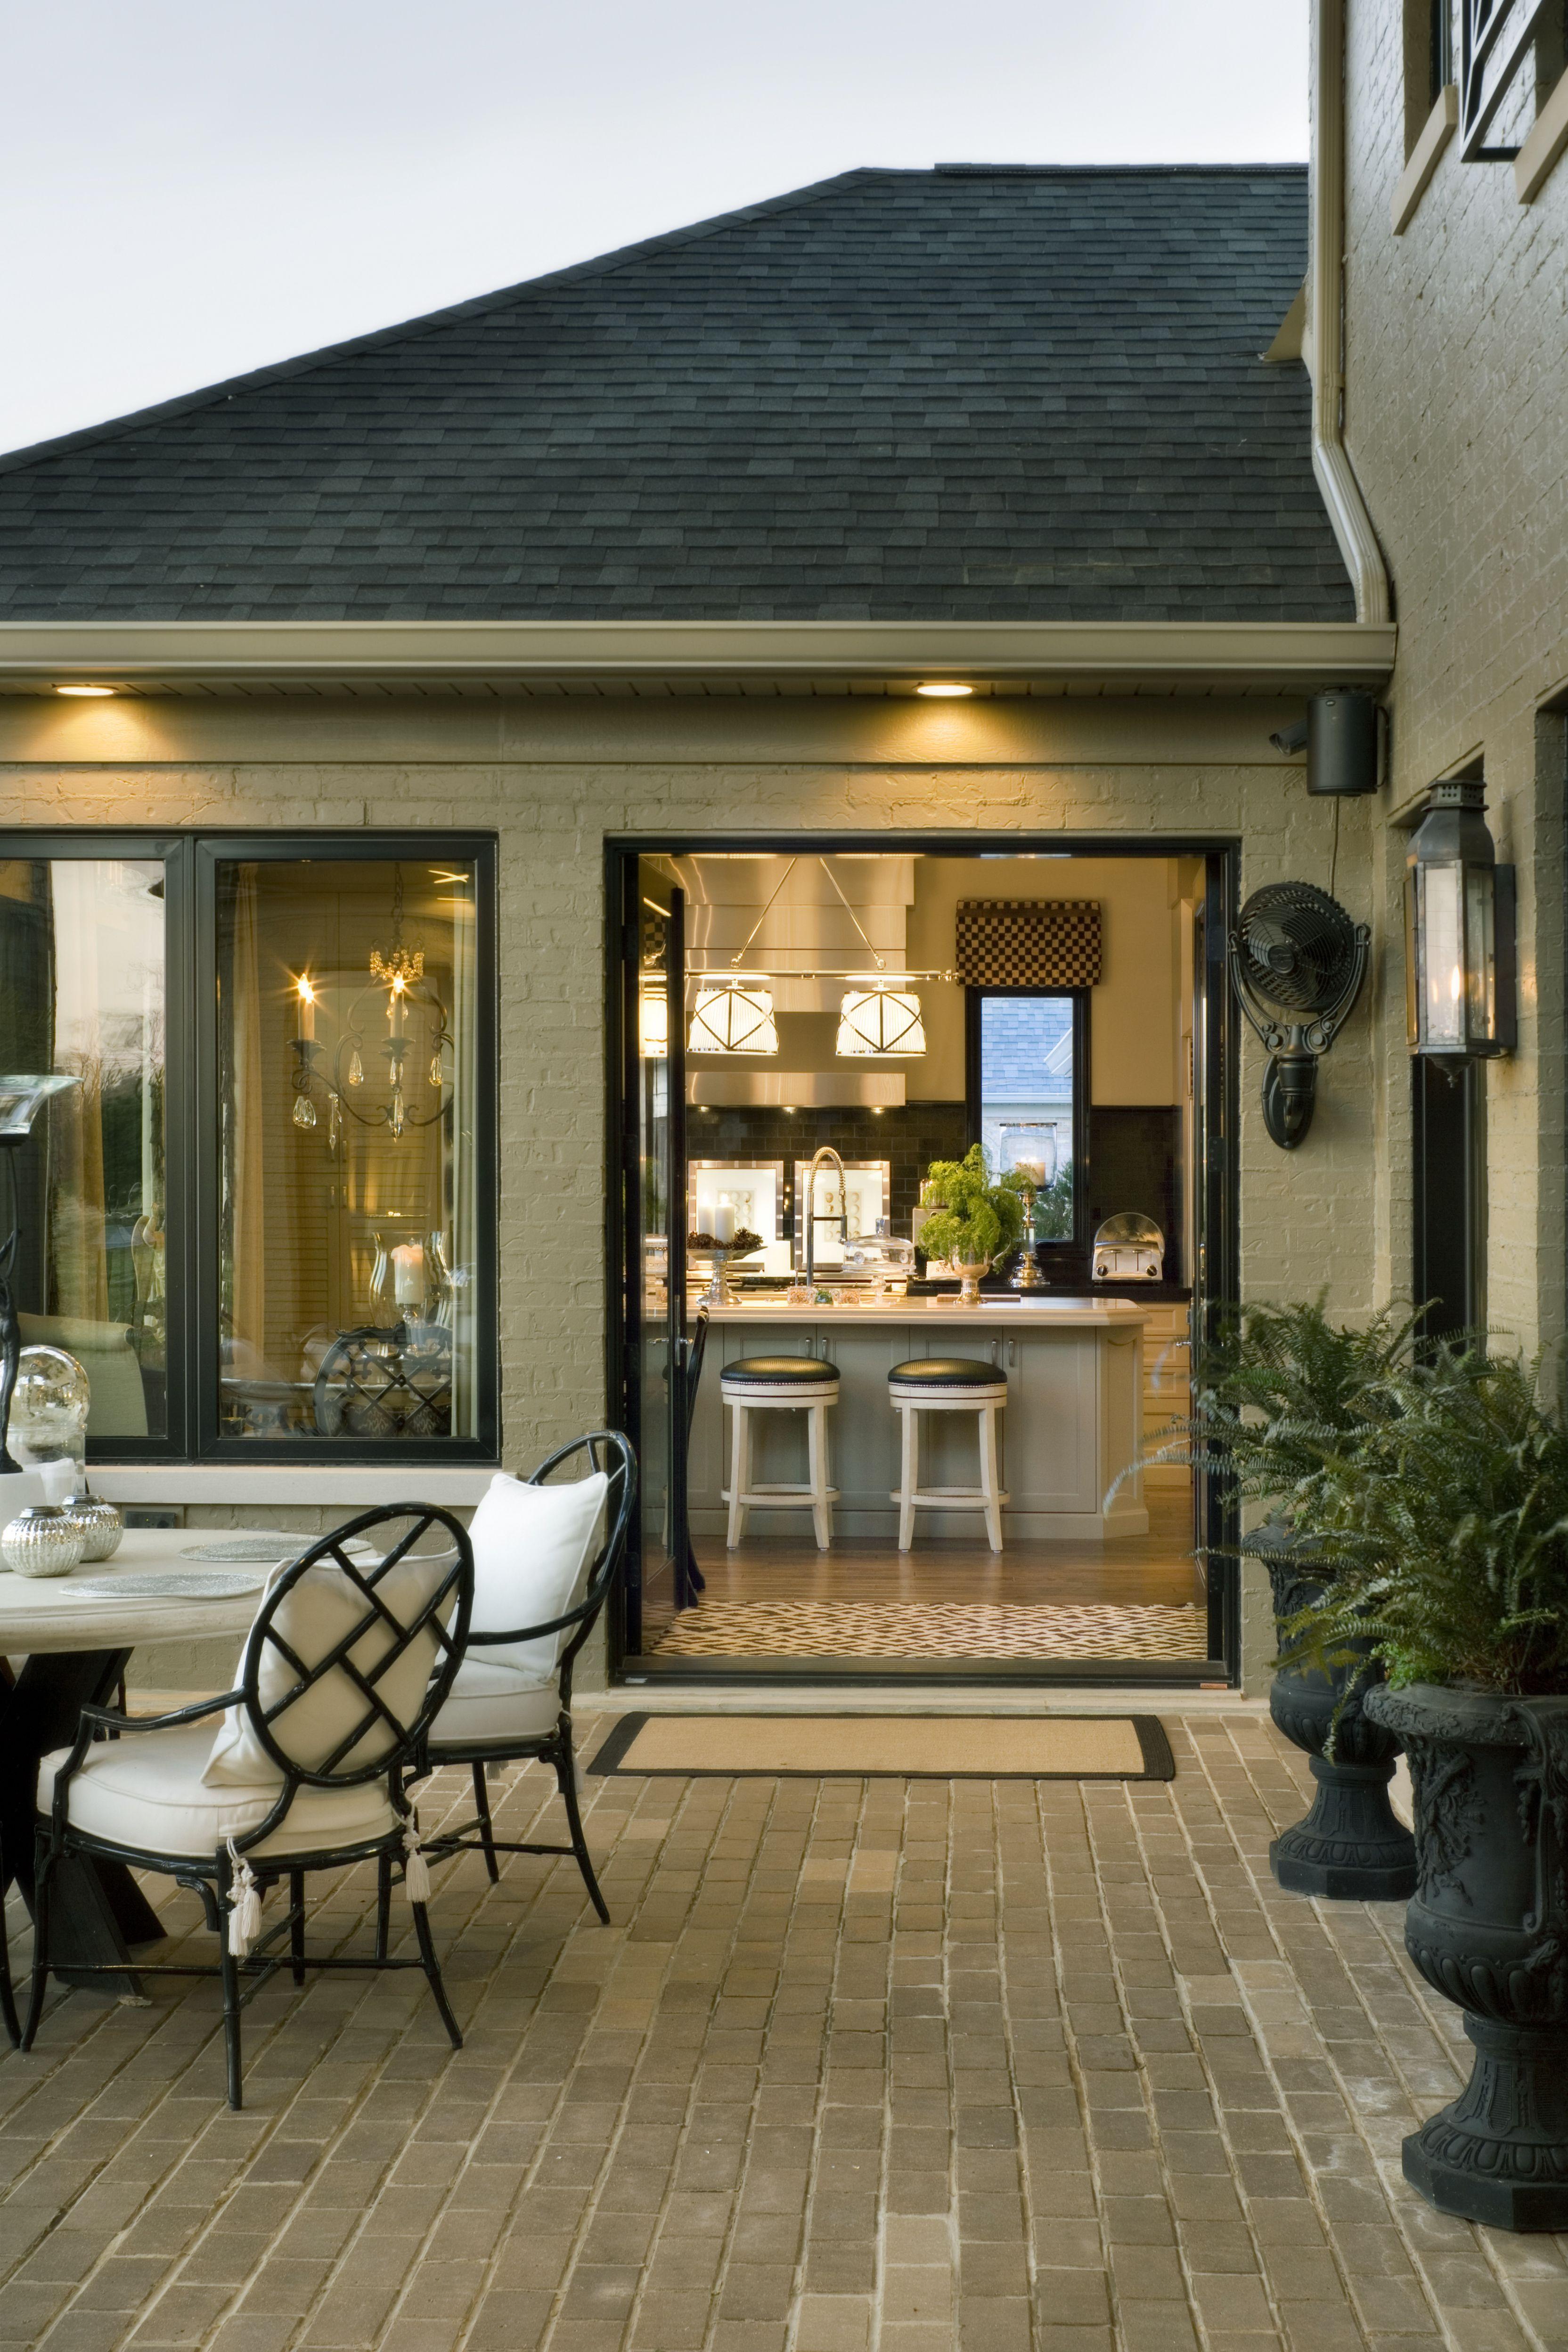 Cocina con salida a terraza patio terraza pinterest for Cocinas con salida al patio